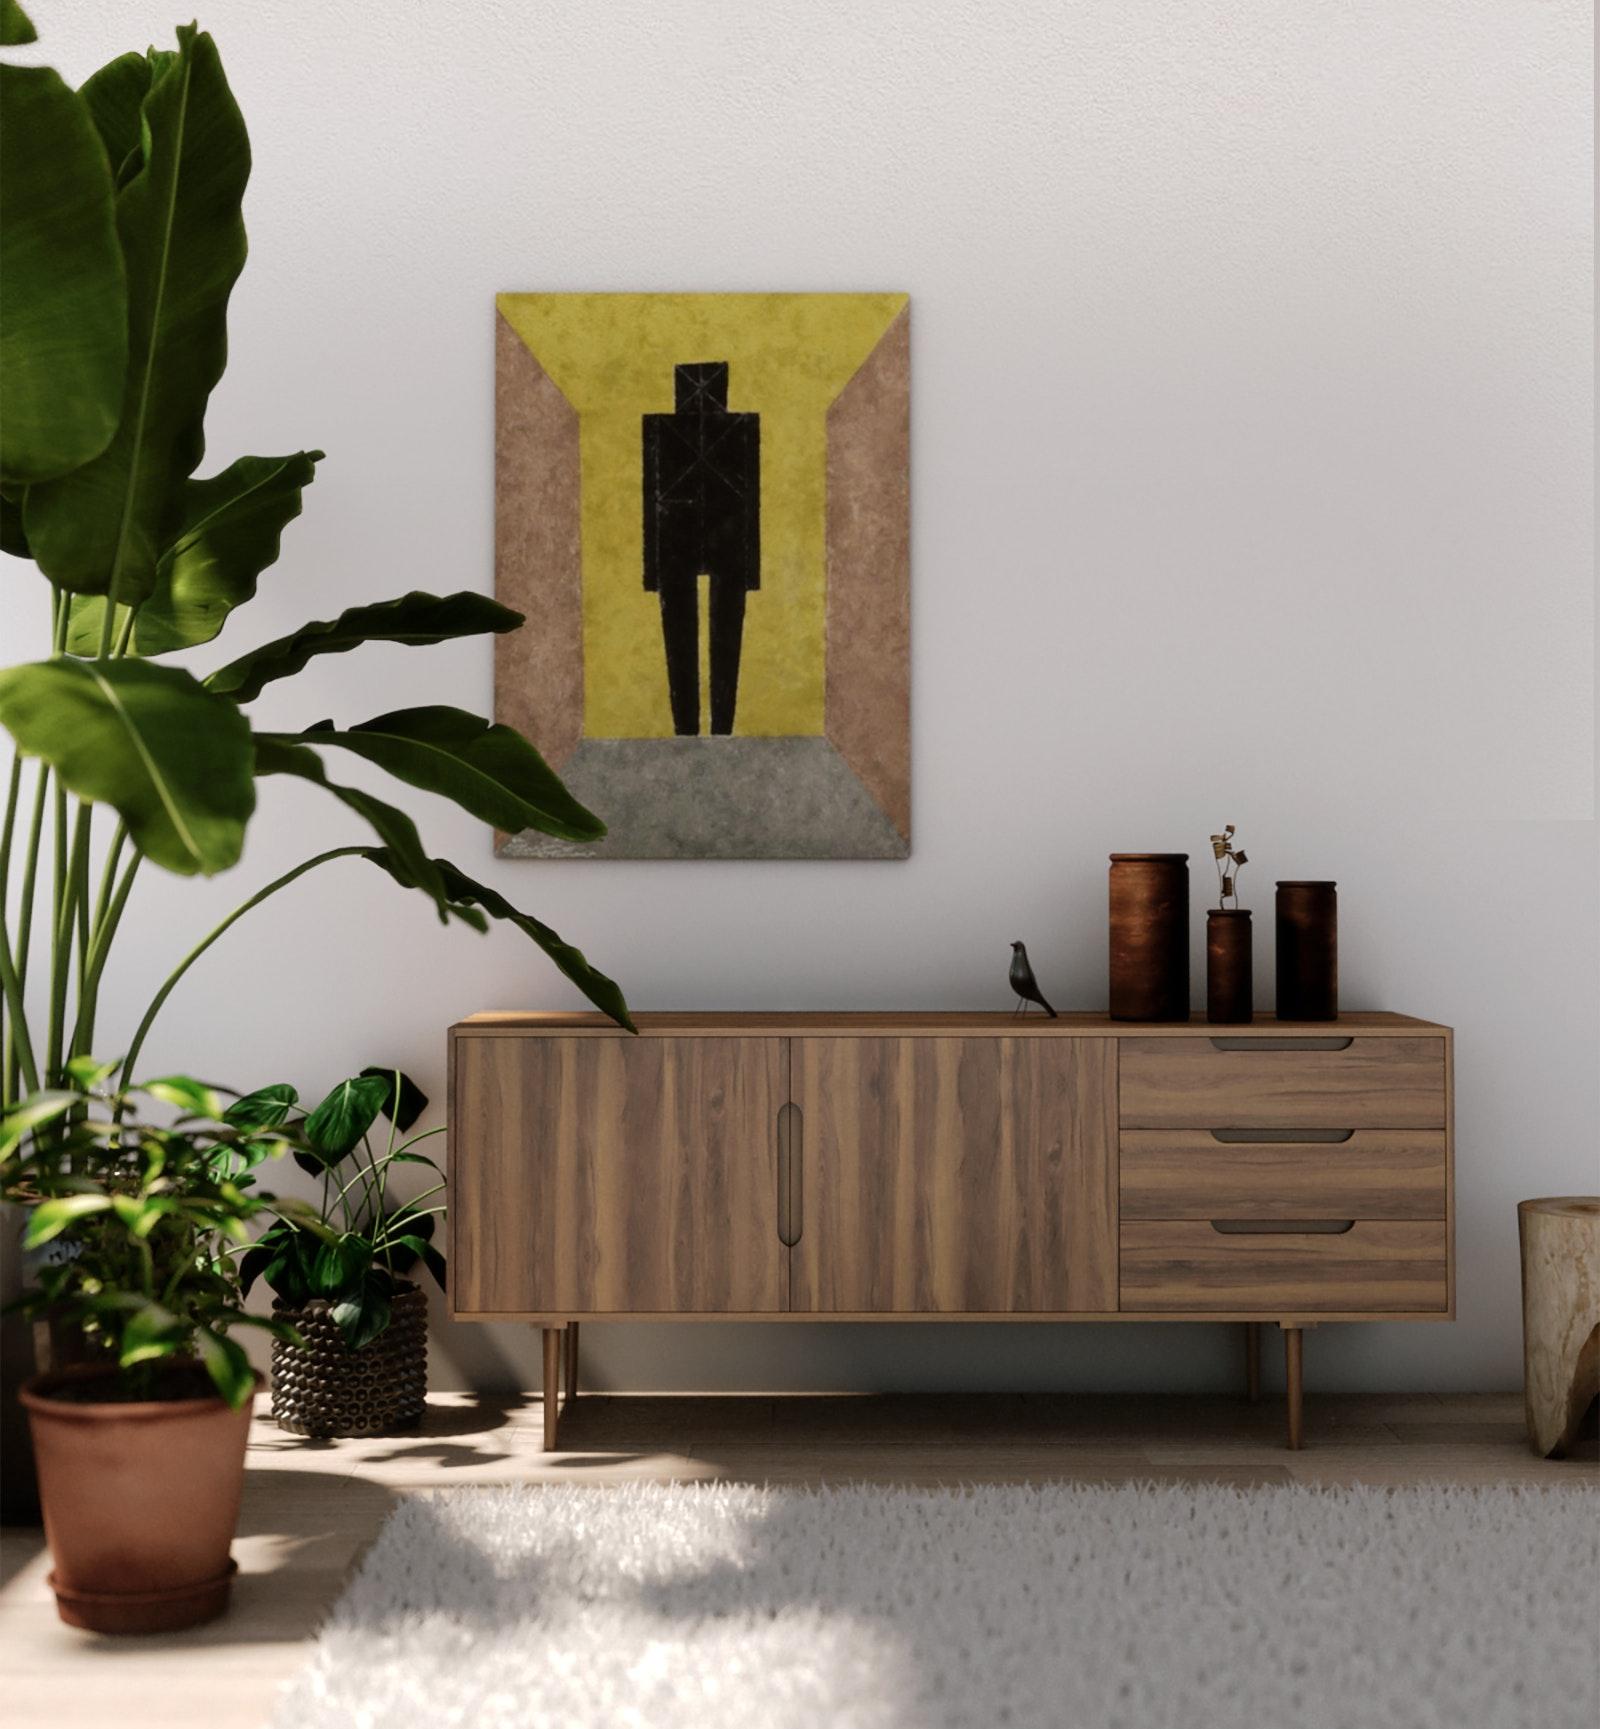 apartment-decors-design-700549.jpg